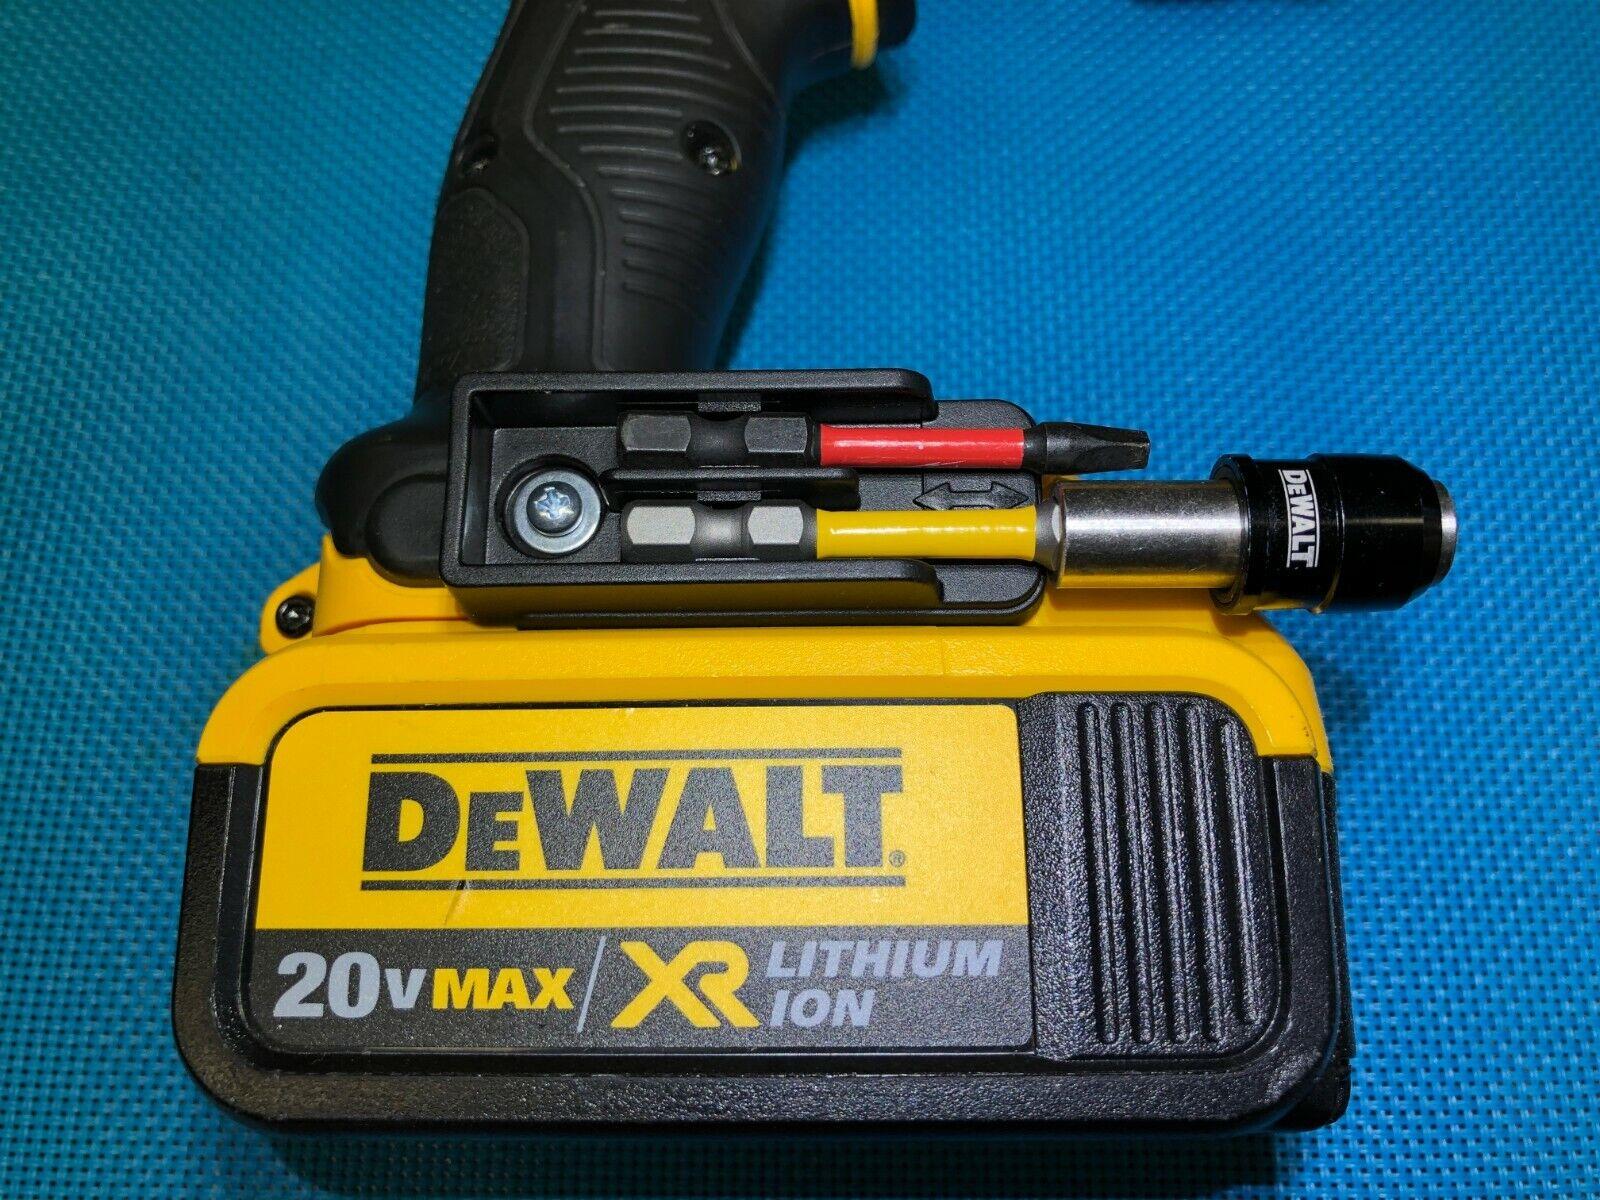 BIT HOLDER FOR DeWALT 12V OR 20V MAX DCD & DCF DRILL OR IMPACT